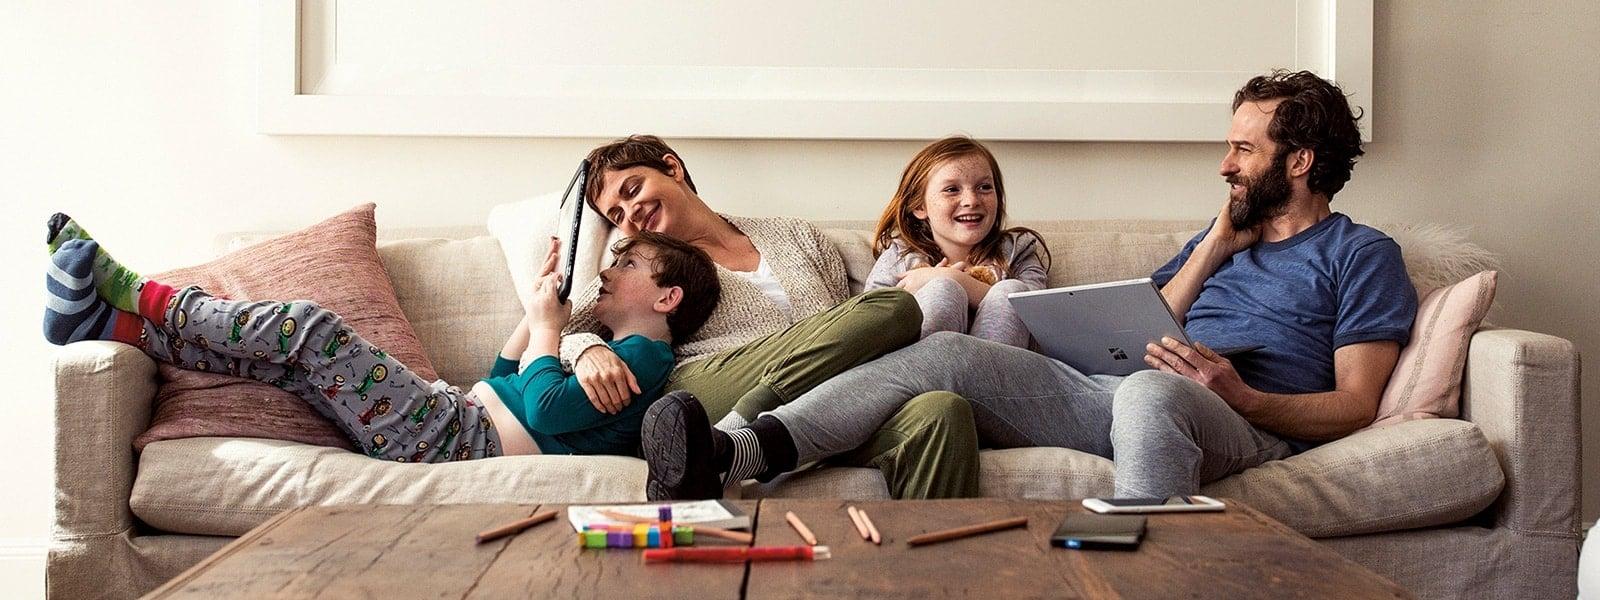 Familie, der ligger på sofaen